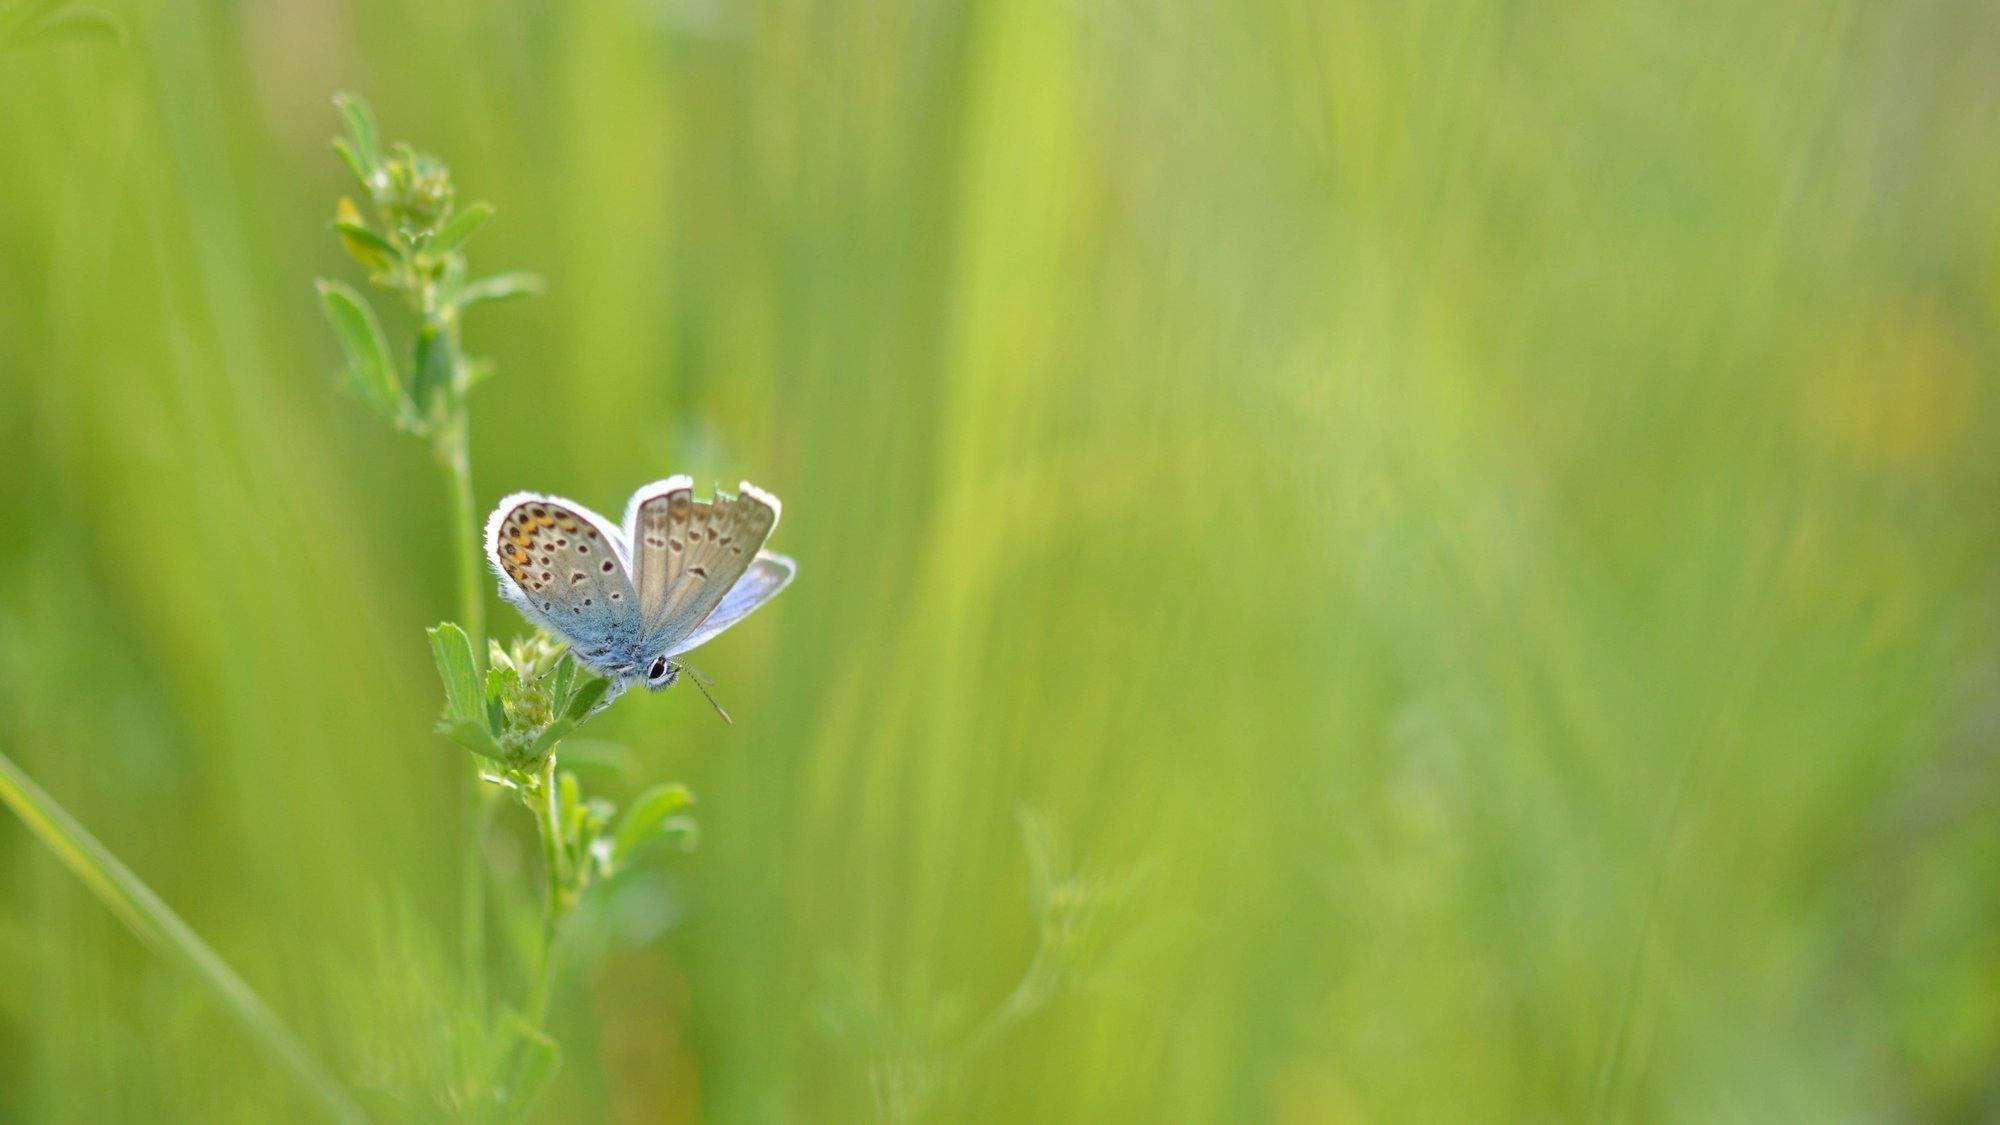 Ein schön gemusterter Schmetterling sitzt auf einer Pflanze